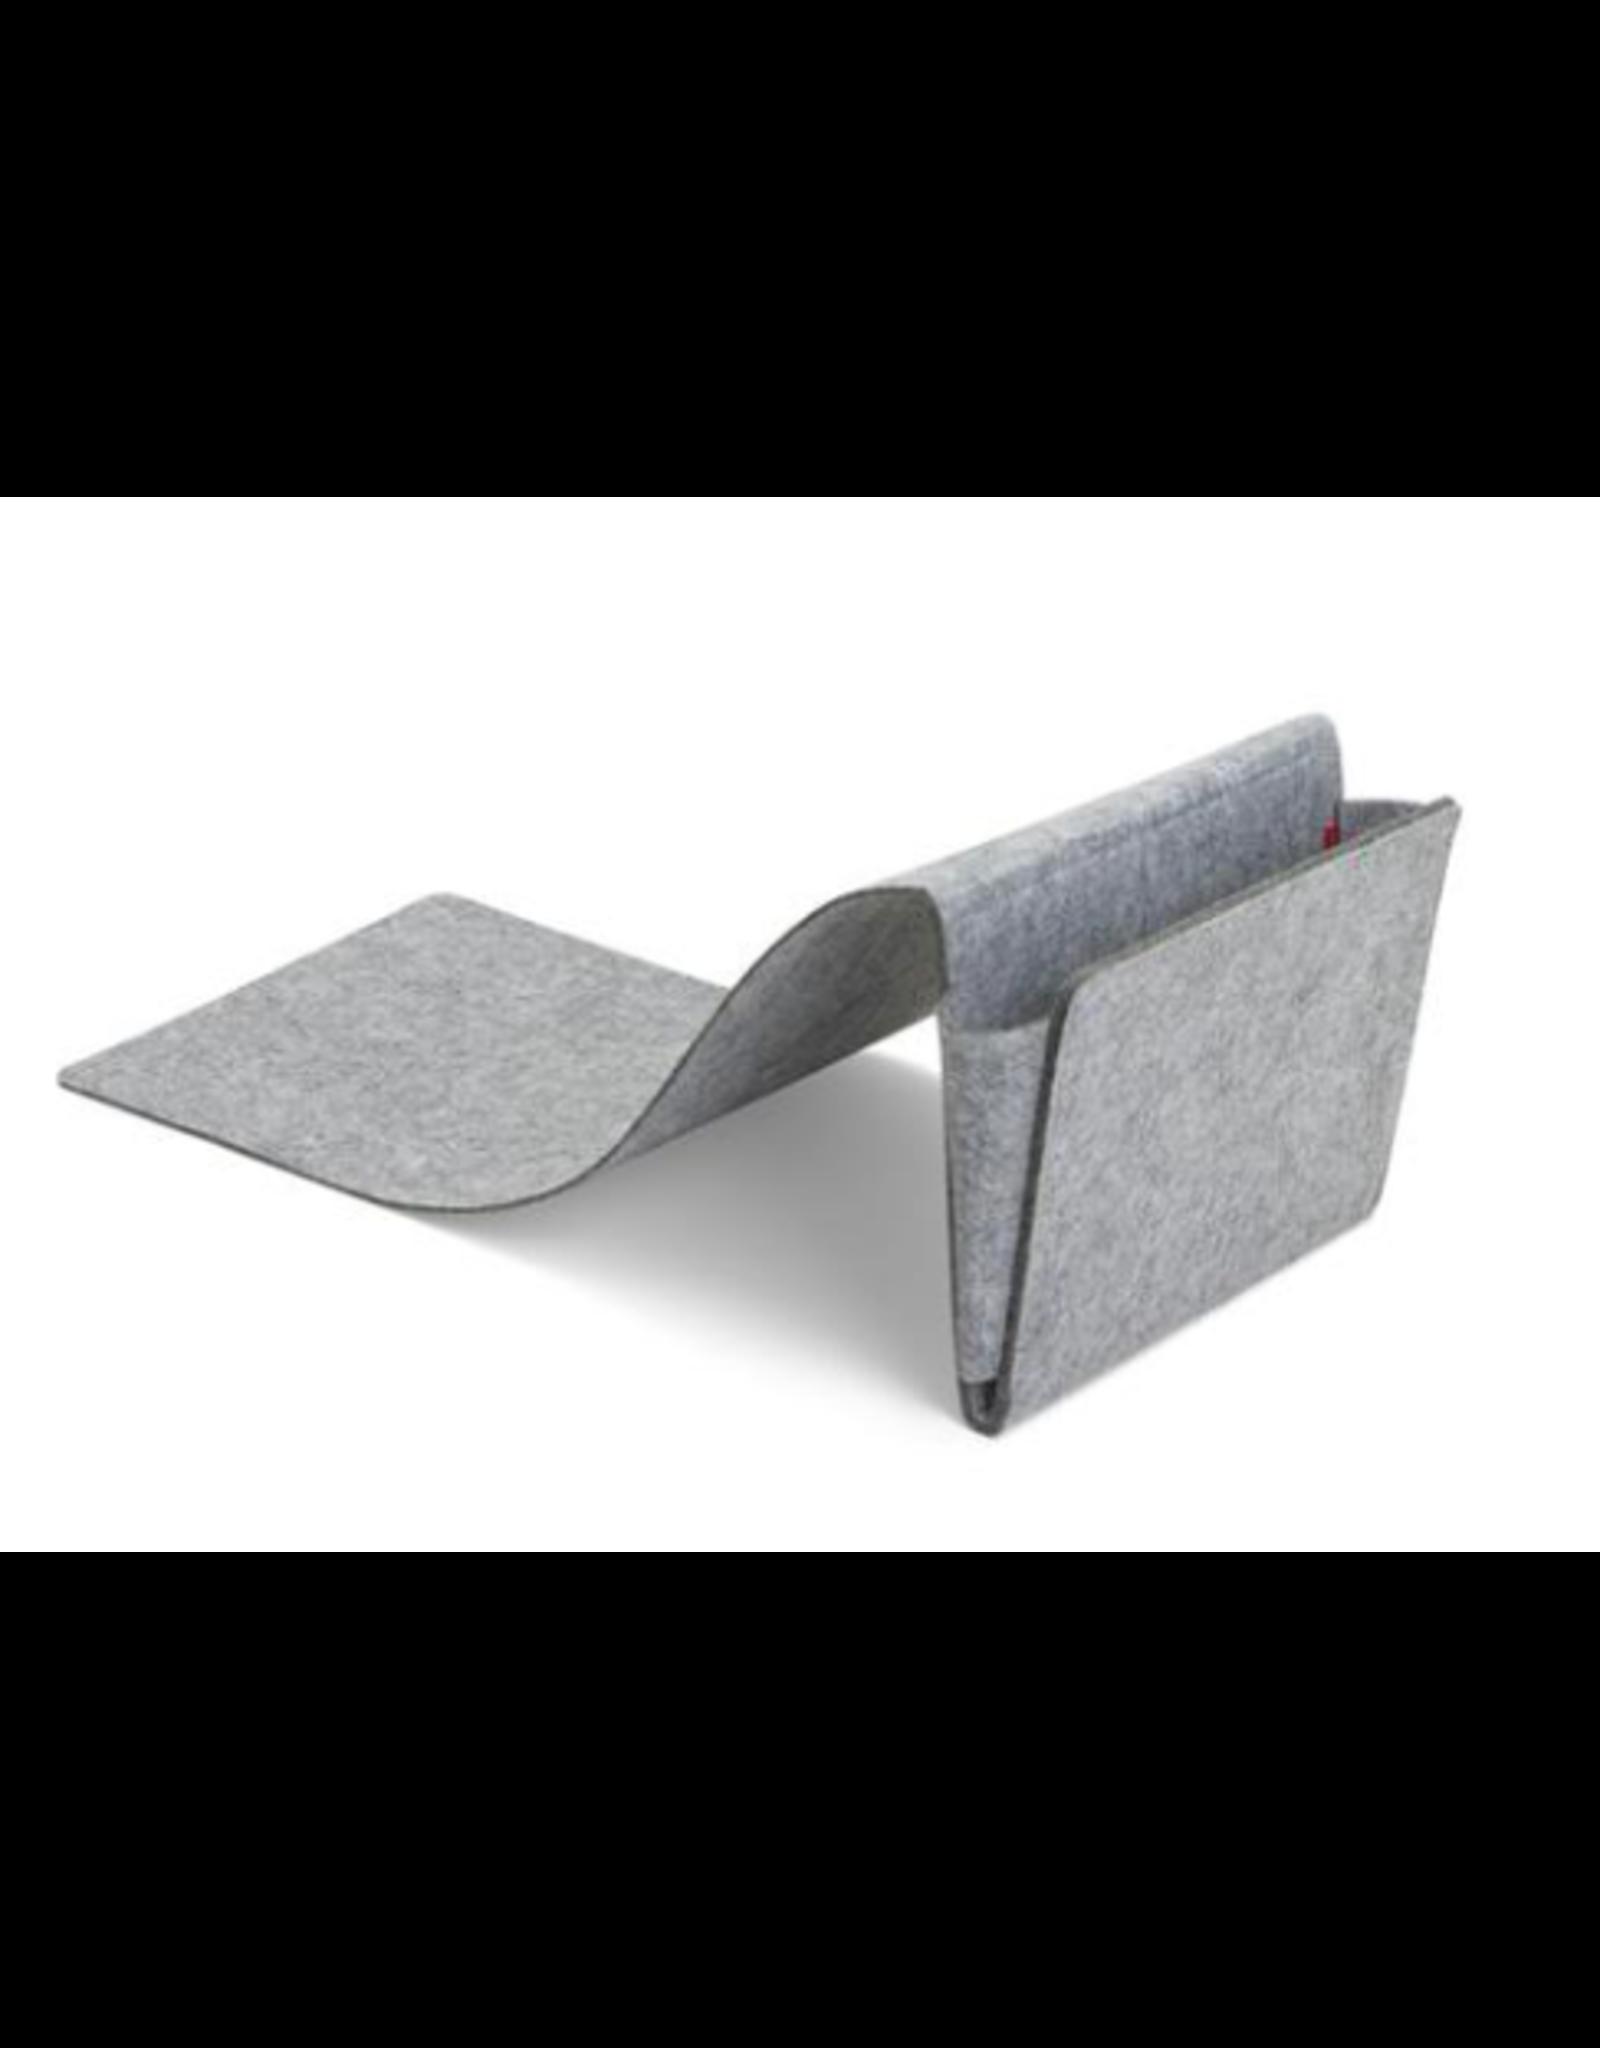 sofa pocket - felt